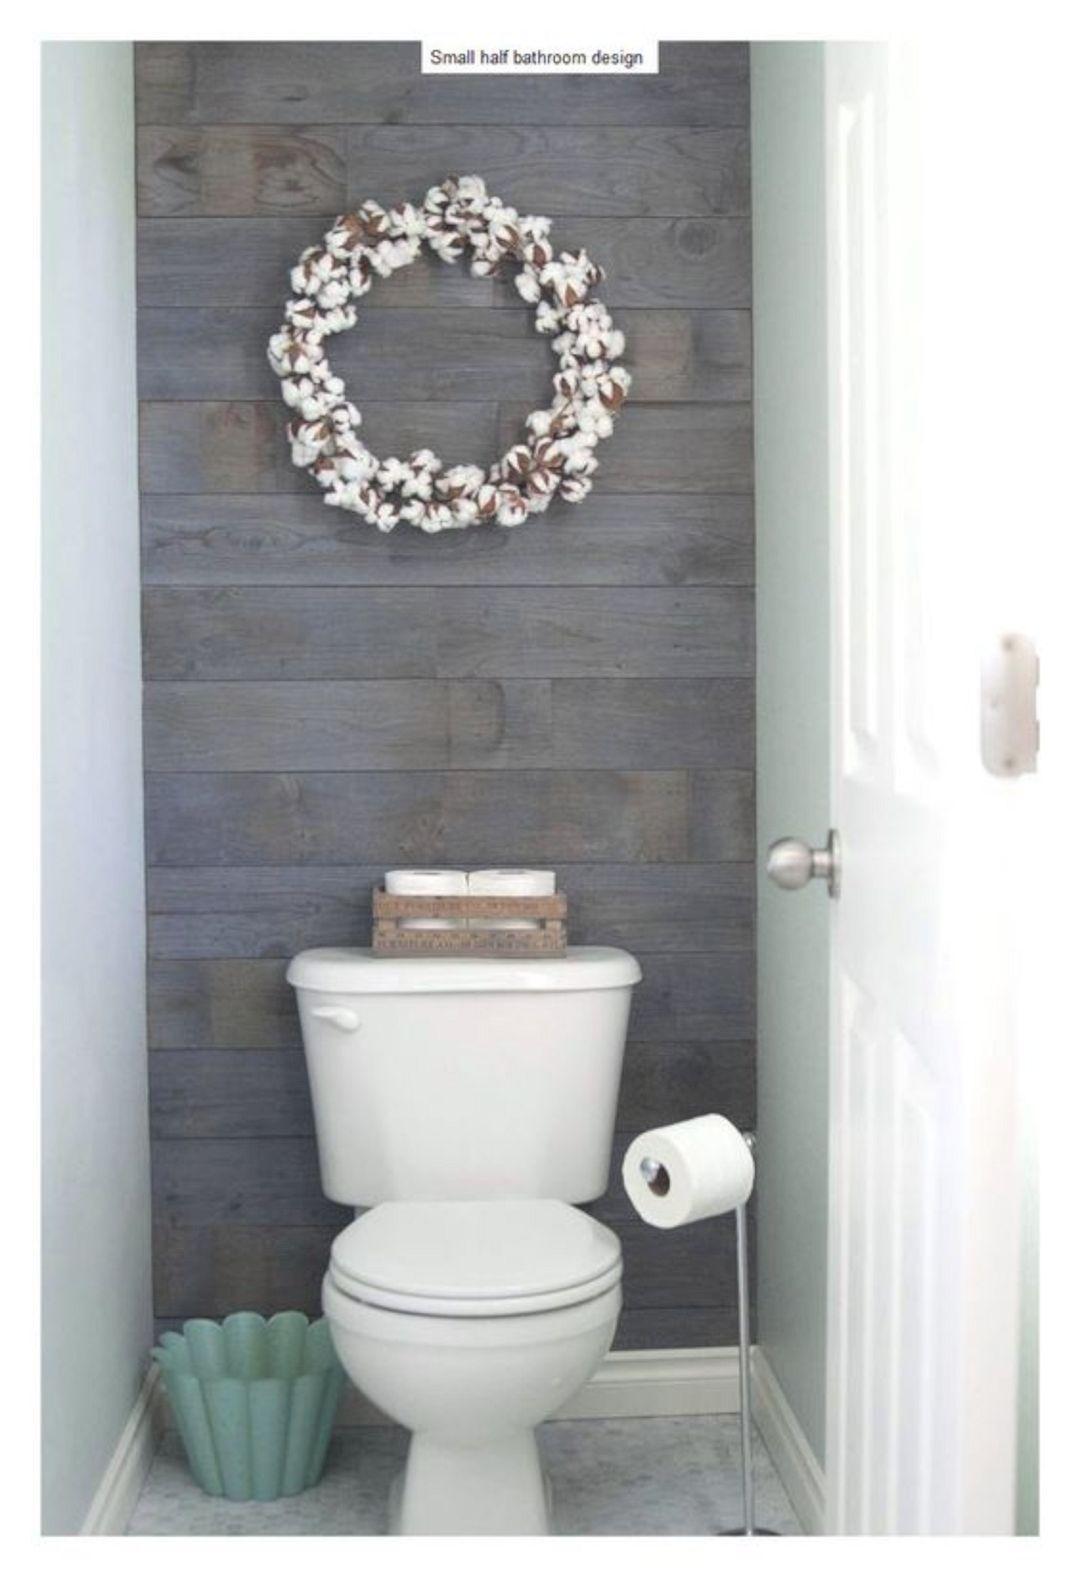 17 Awesome Small Bathroom Decorating Ideas Half Bath Remodel